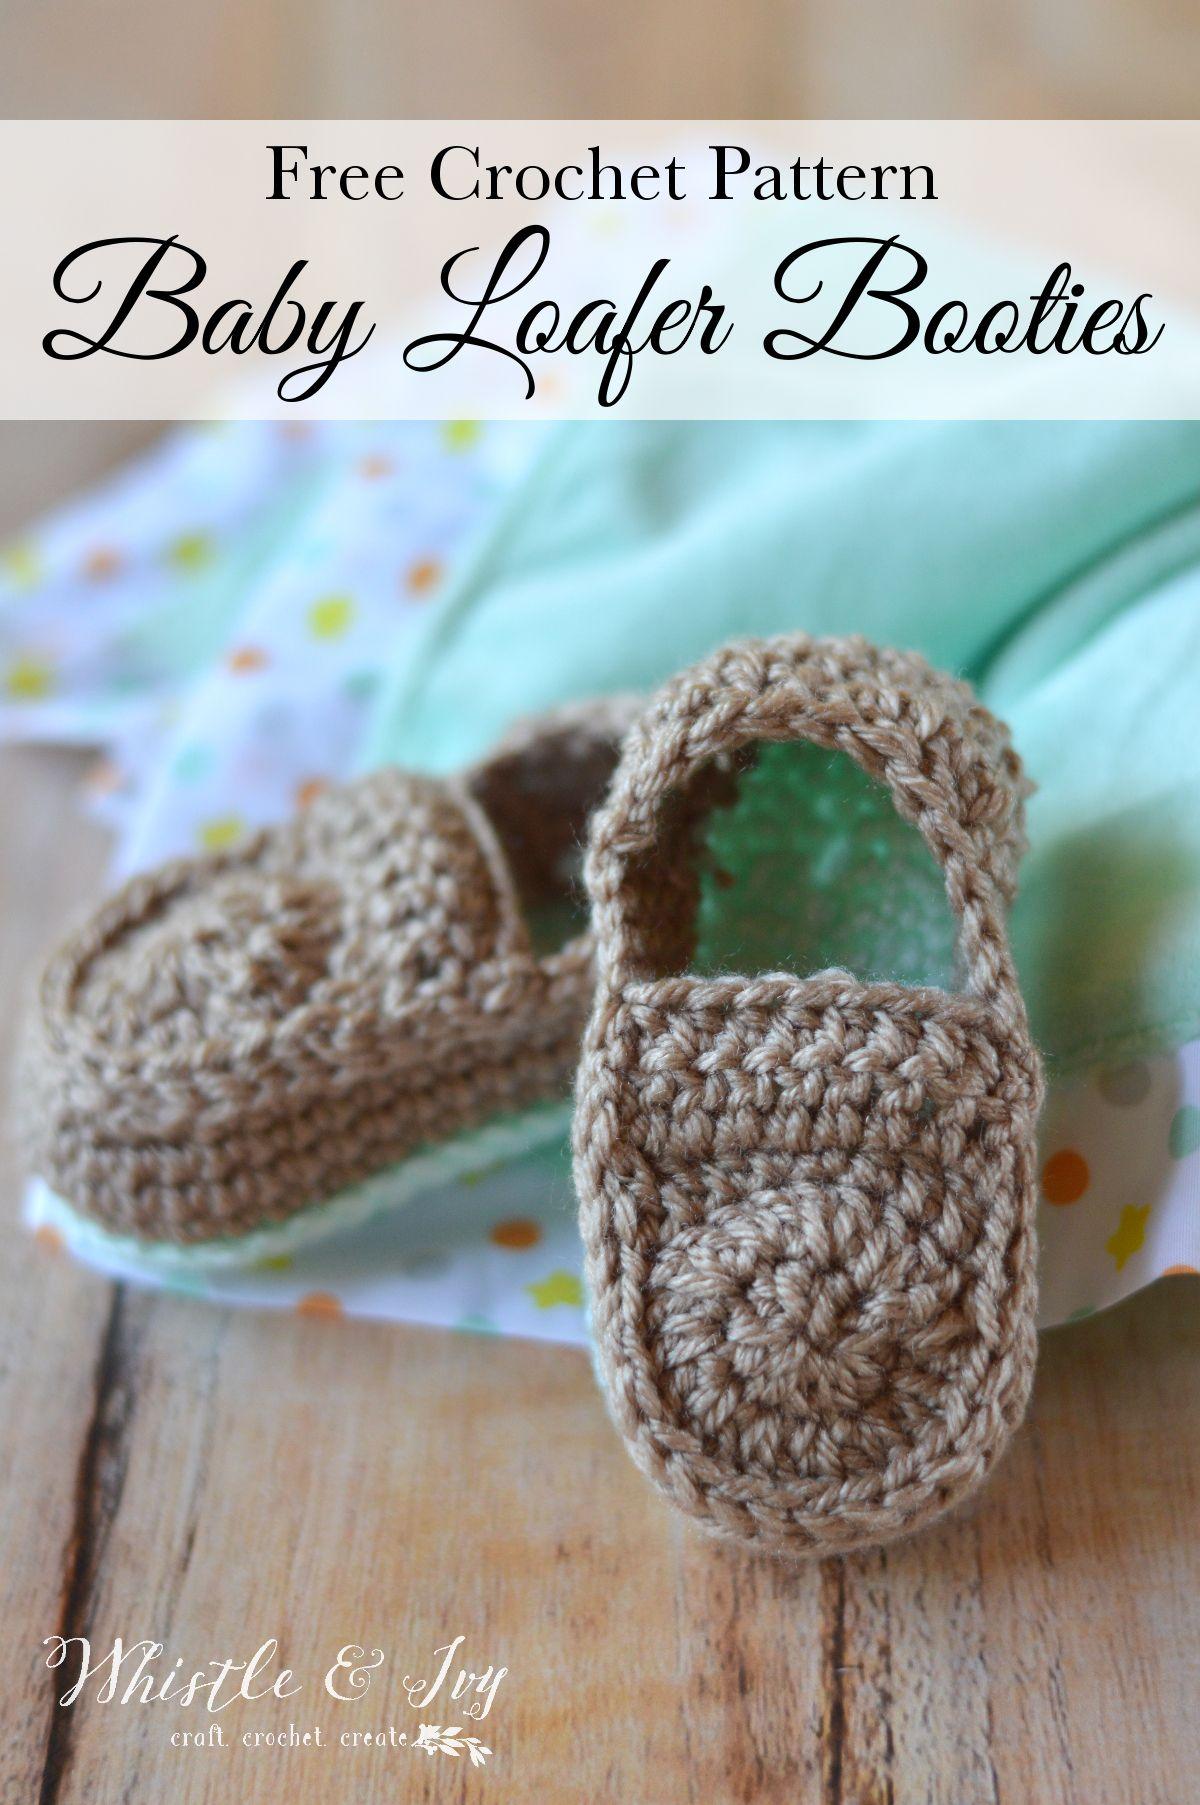 Crochet Baby Loafers Free Pattern   Pinterest   Crochet baby, Free ...